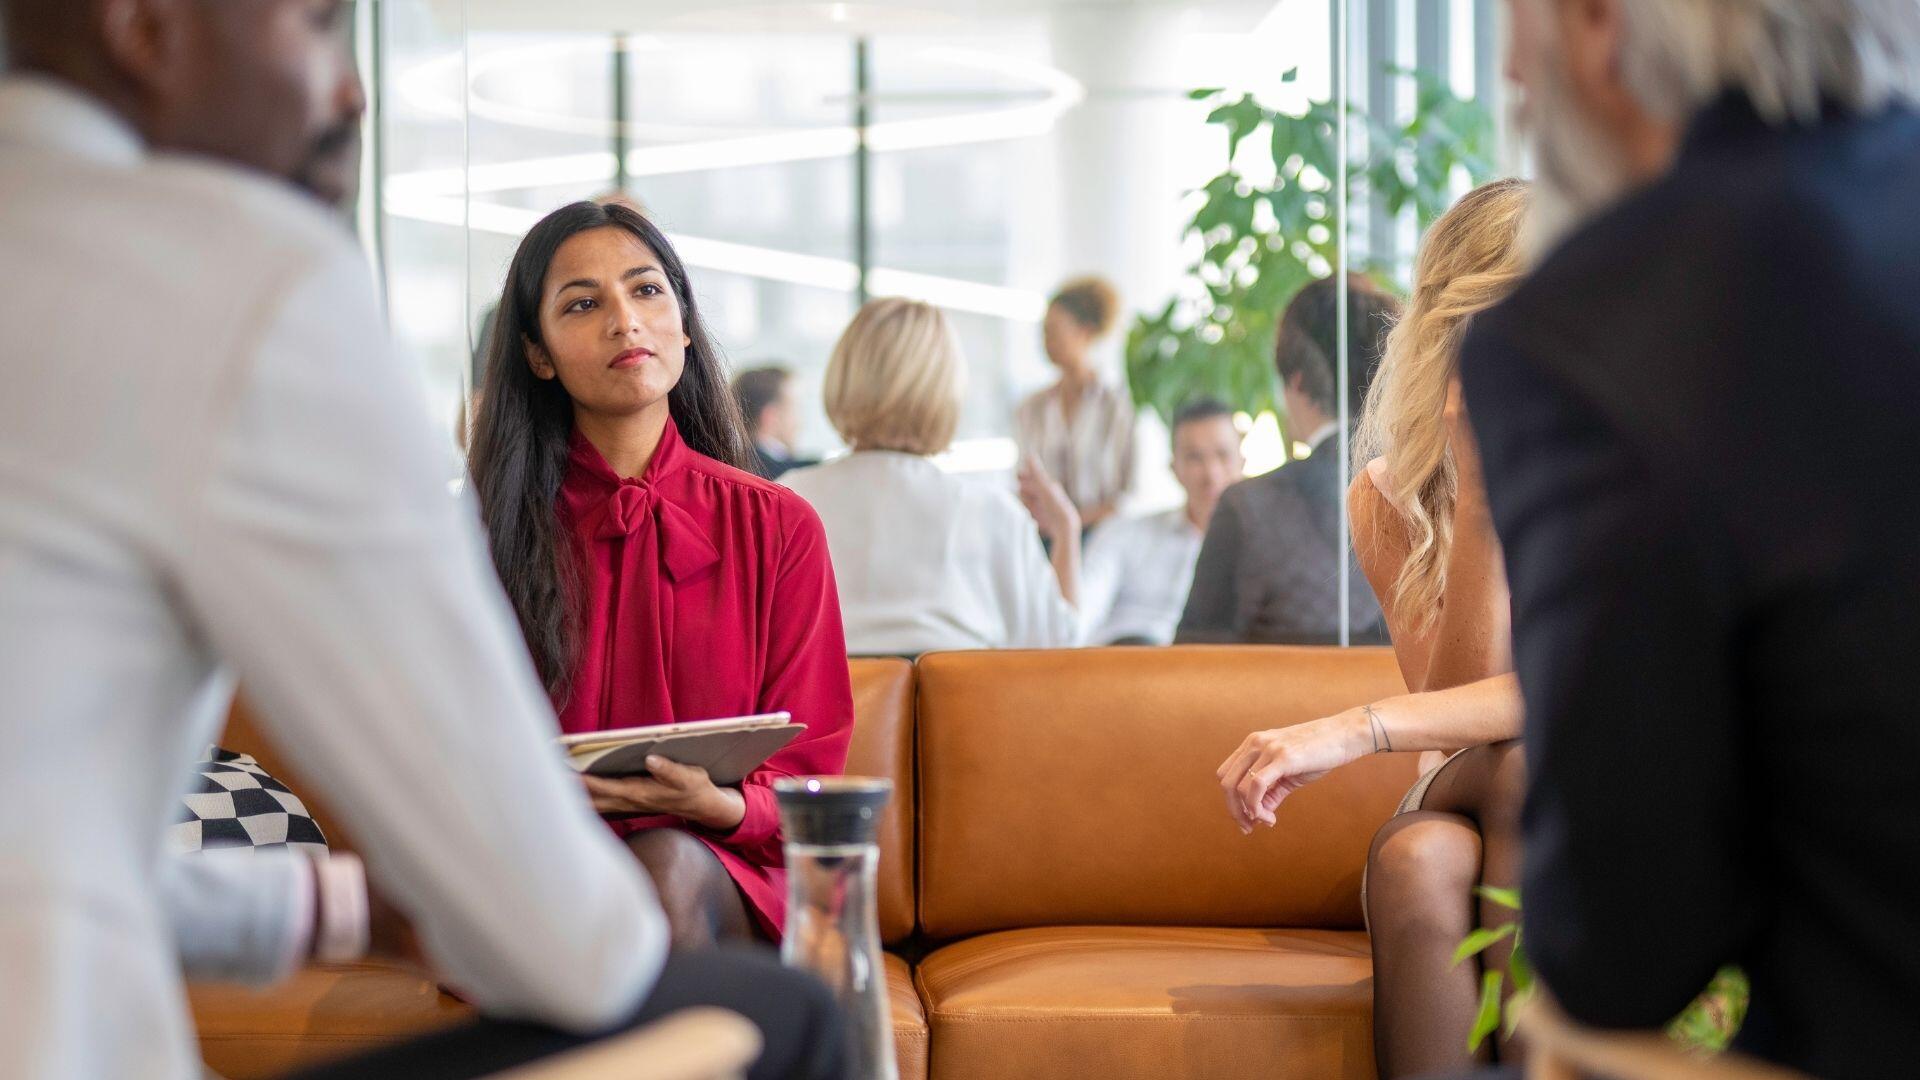 Top 4 challenges of long-term flexible working arrangements